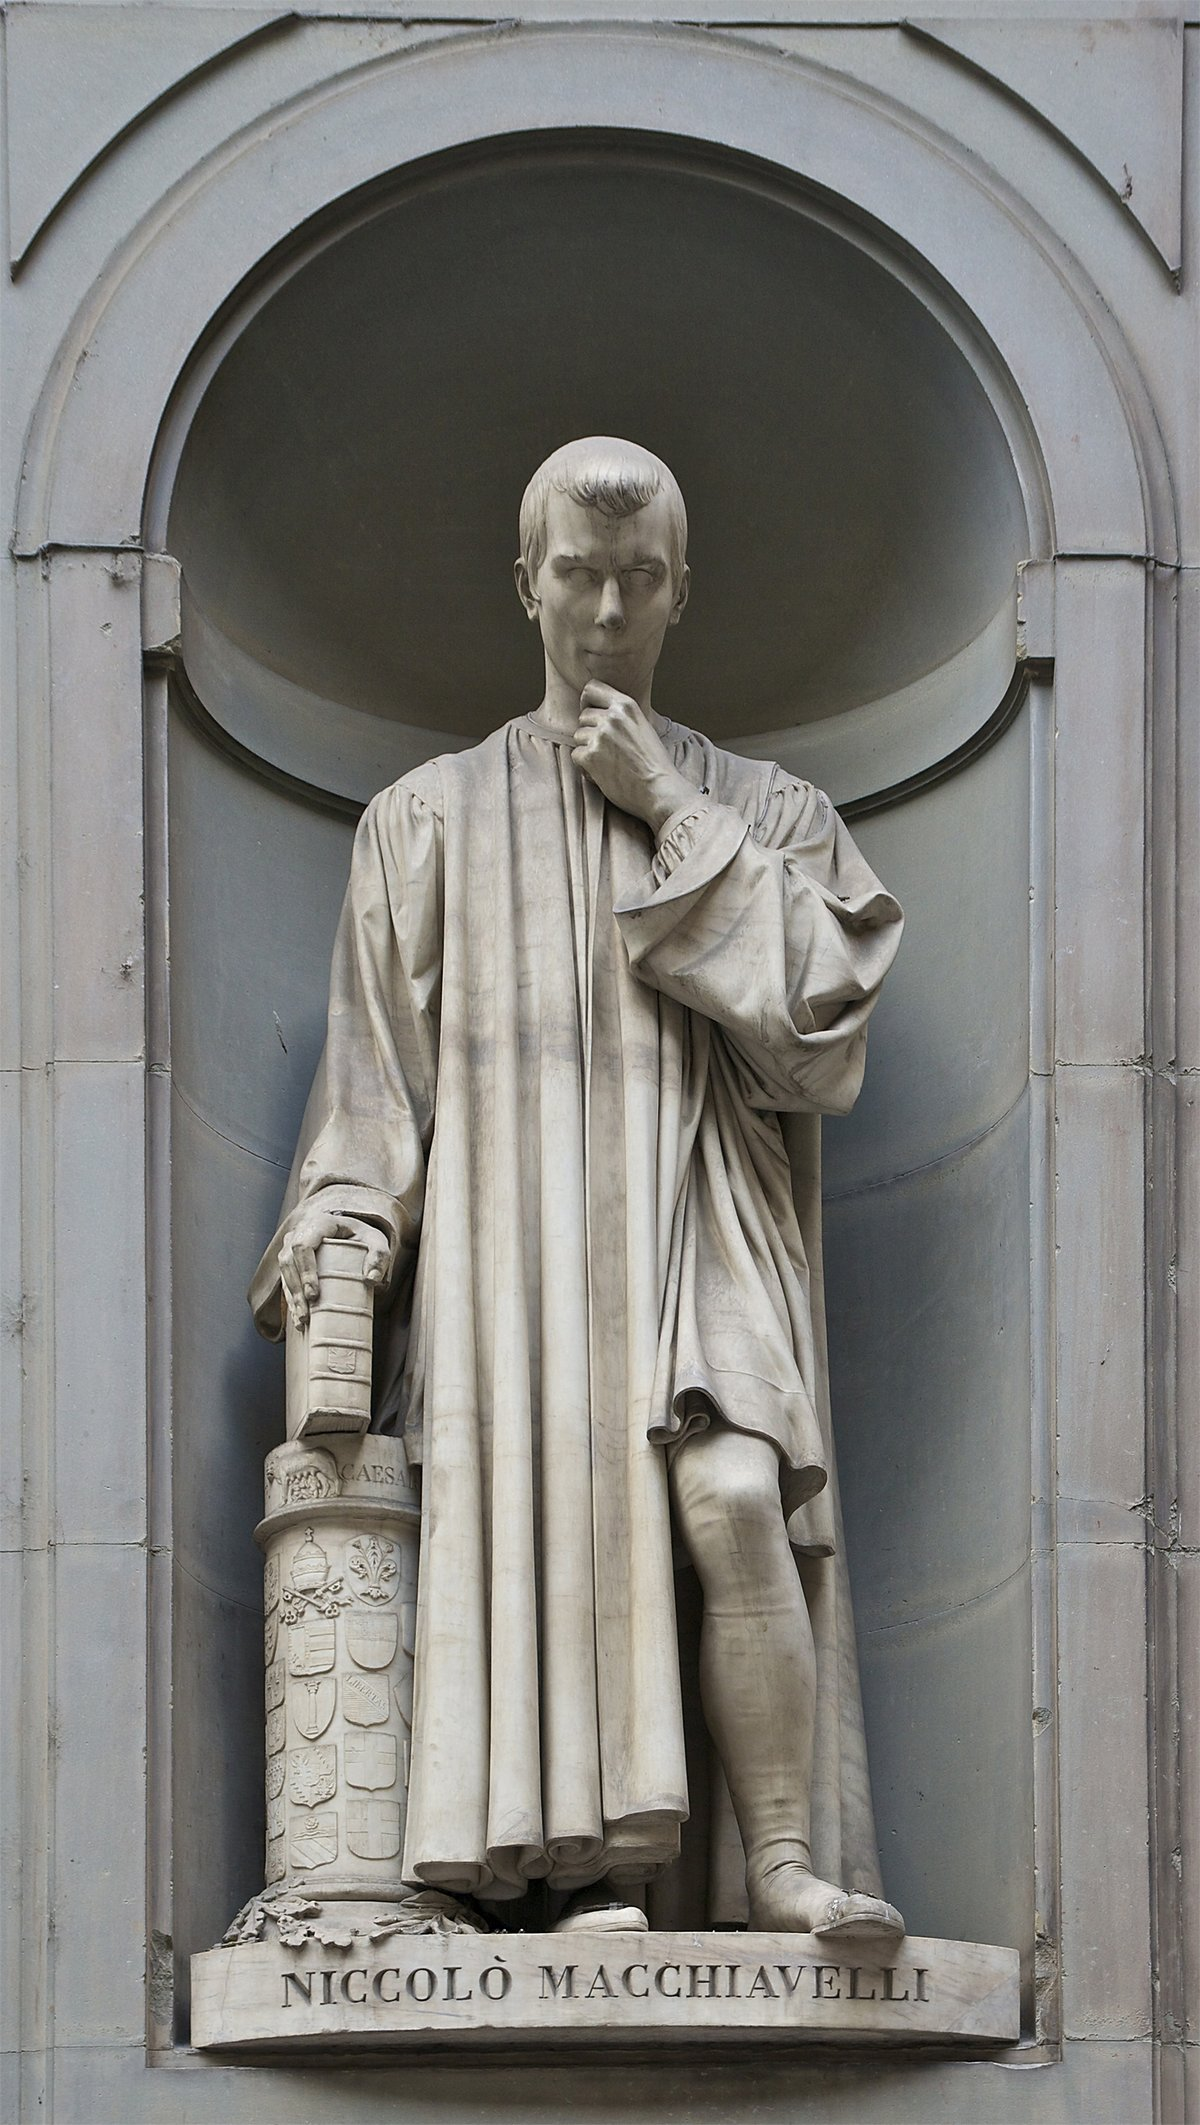 25 марта 1532 года в Риме опубликована «История Флоренции» Никколо Макиавелли